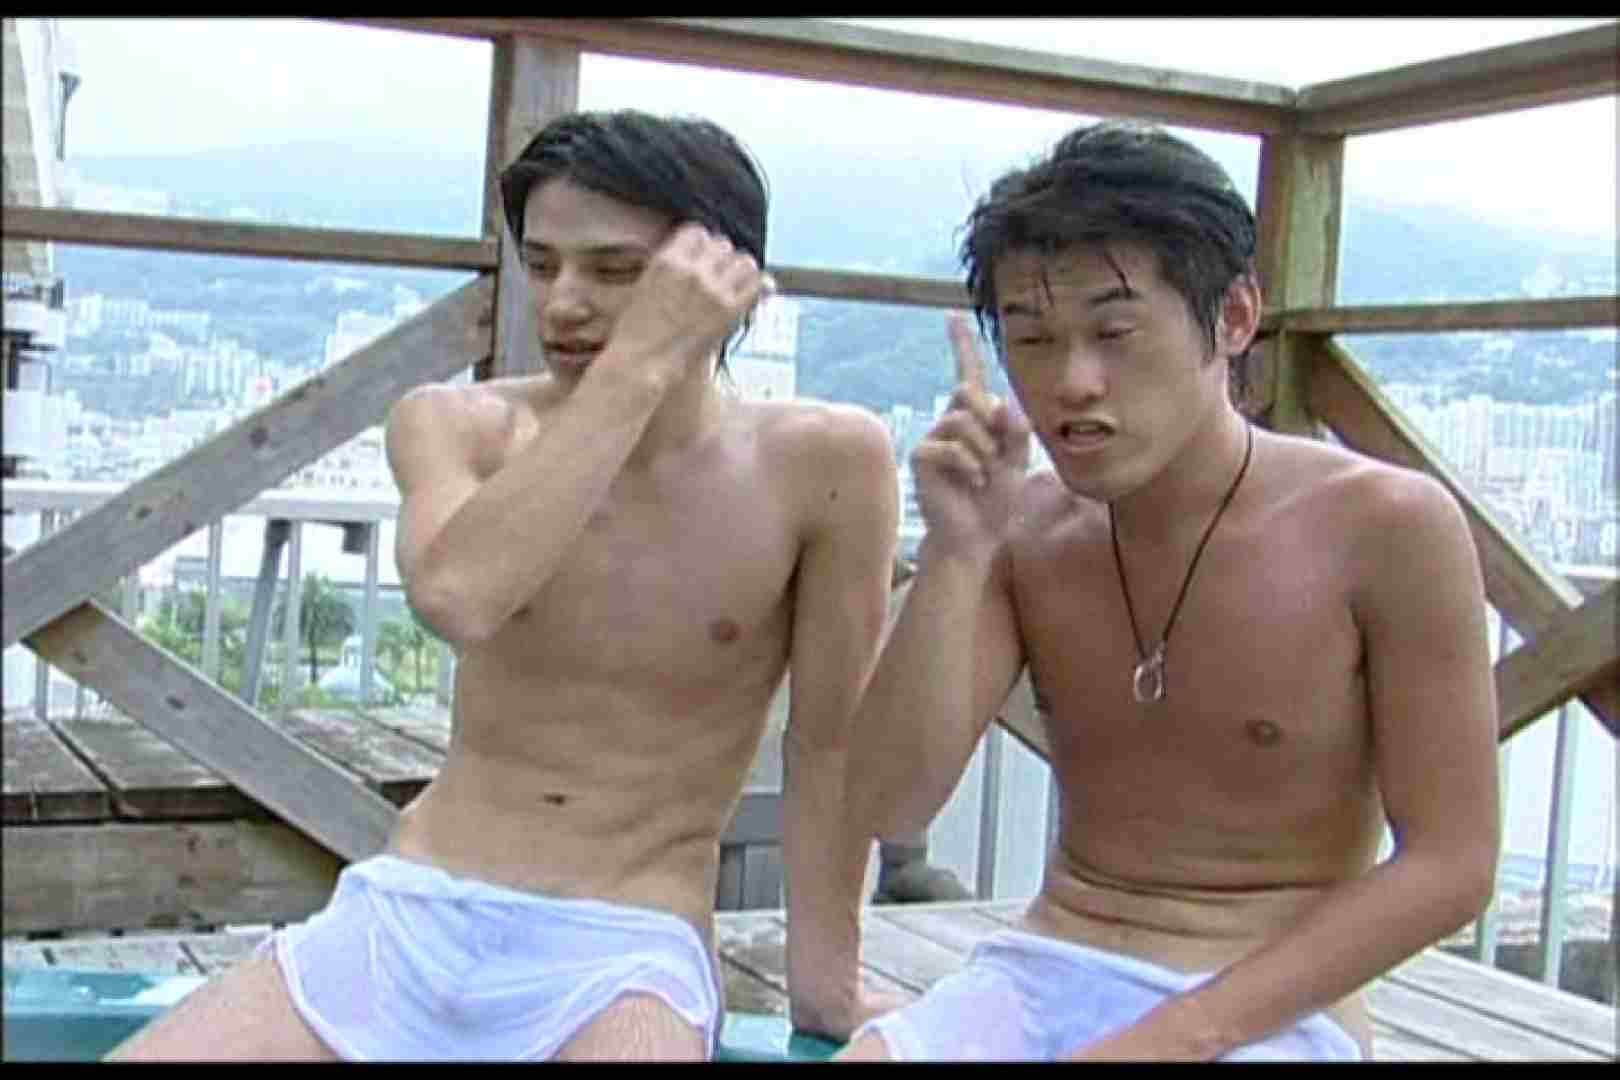 かよわい若者達の性的コミュニケーション(高画質ver)VOL.02 スリム美少年系ジャニ系 ゲイエロビデオ画像 94枚 77